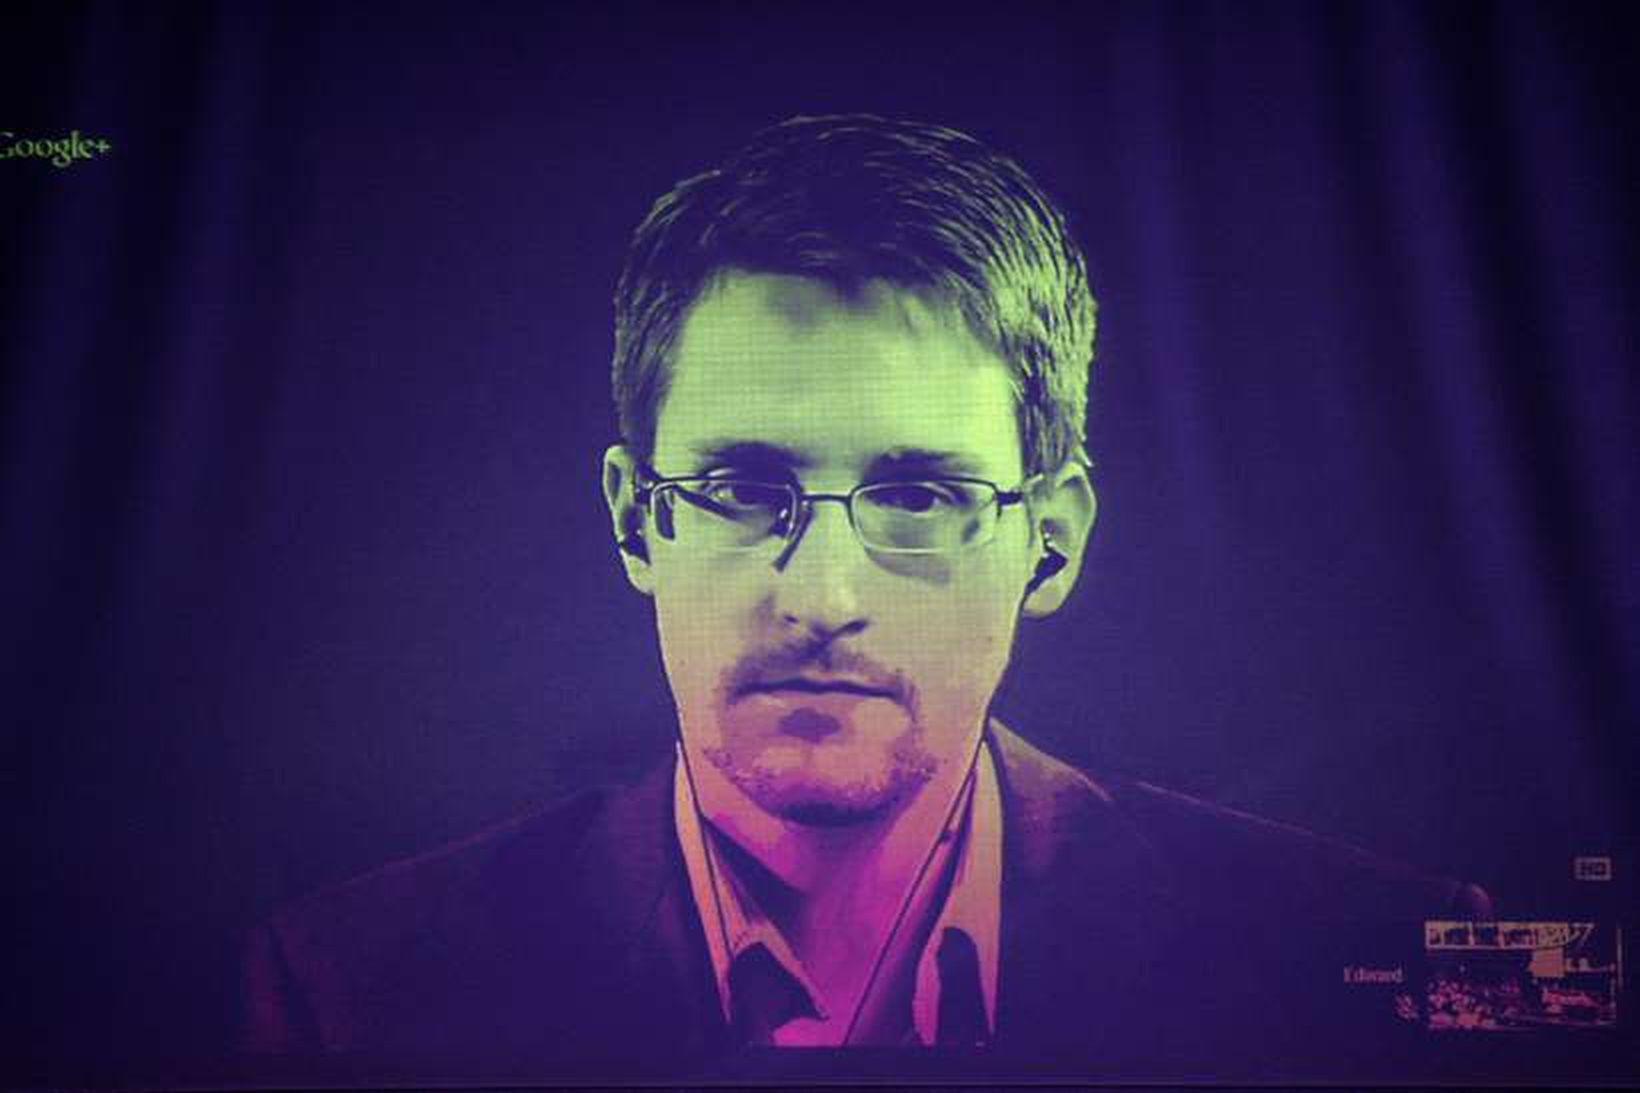 Edward Snowden býr nú í Moskvu. Fólkinu sem skaut skjólshúsi …